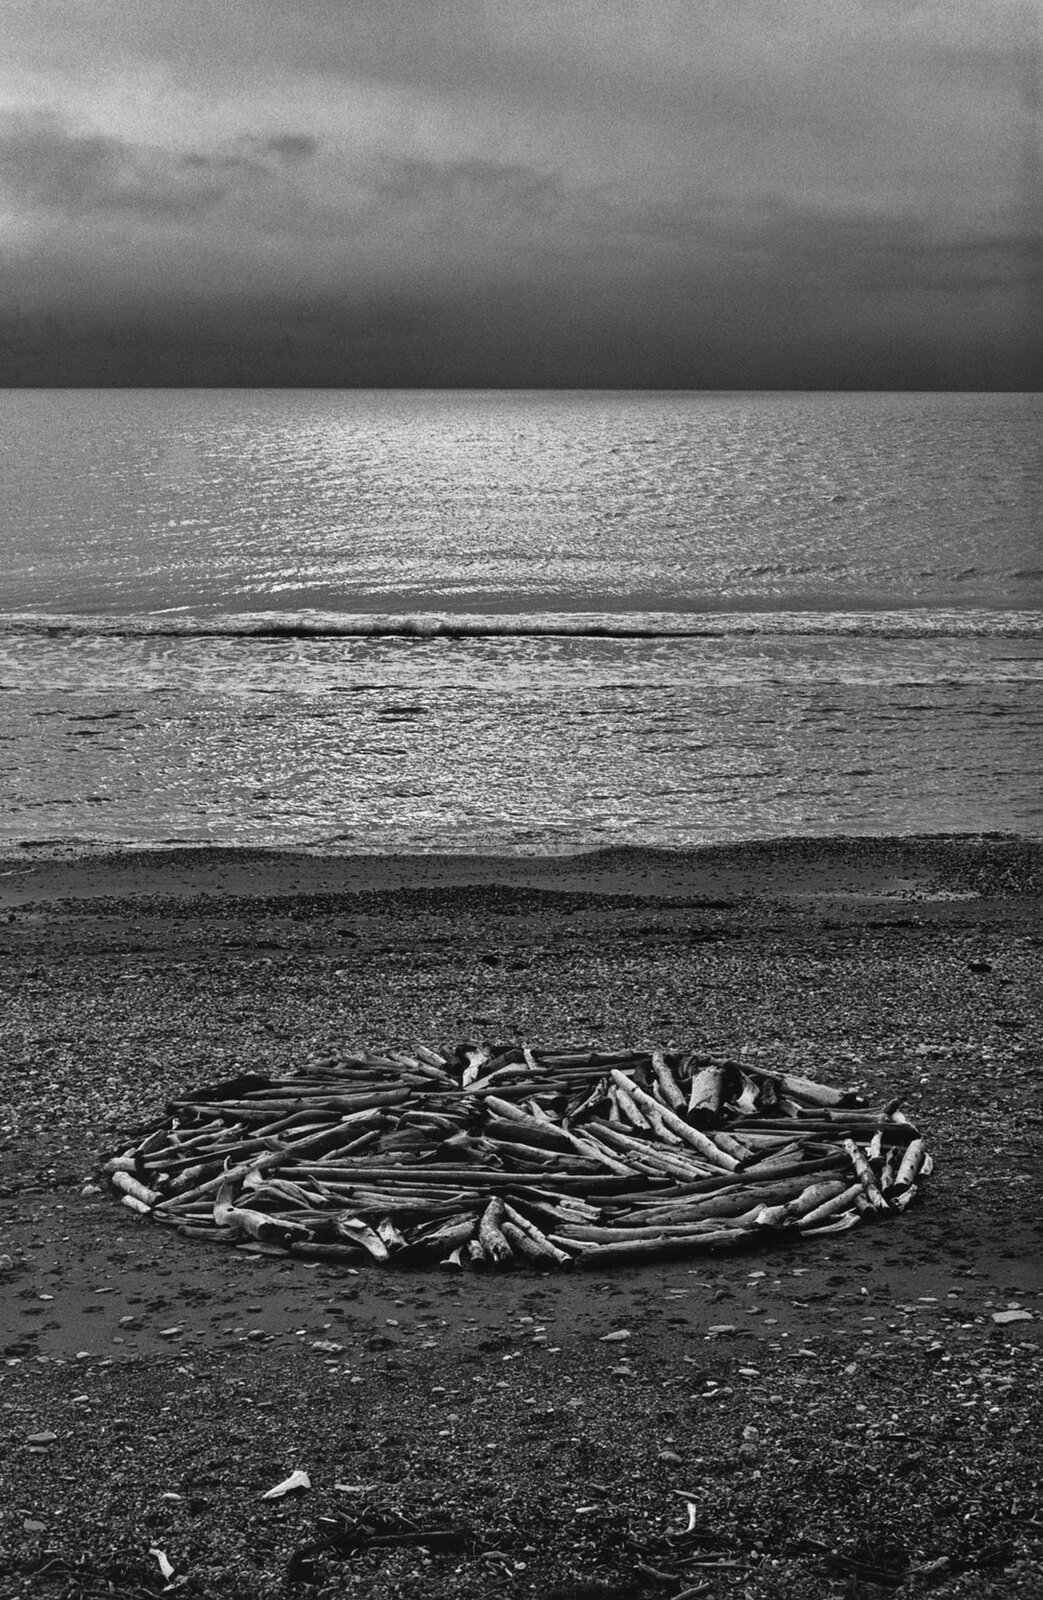 Ilustracja przedstawia okrąg zbudowany zkamieni ipatyków. Artysta budował koła zkamieni ipatyków zebranych wczasie podróży po świecie, które następnie dokumentował przy pomocy fotografii, map iopisów.